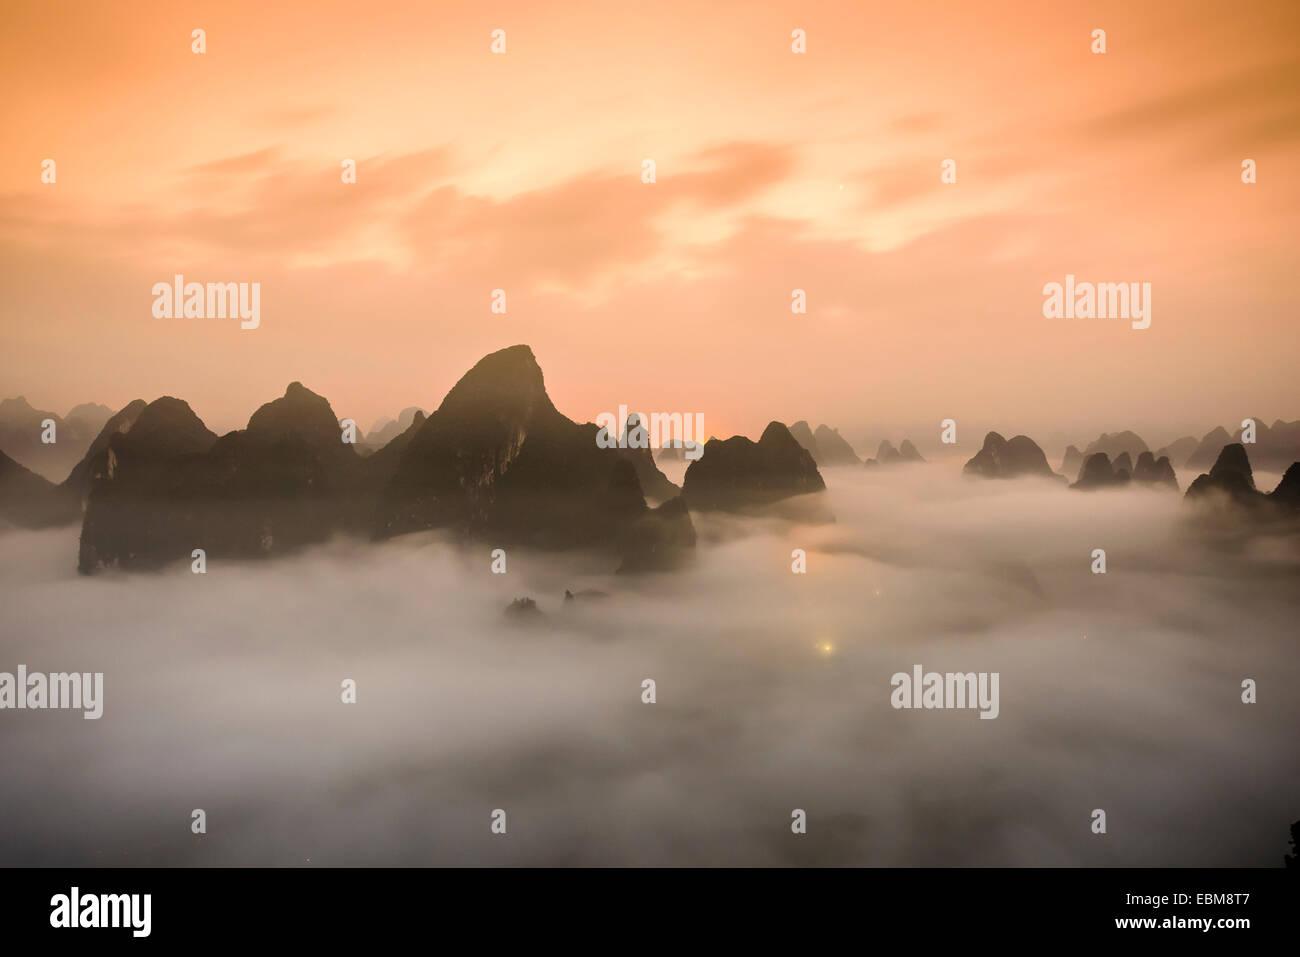 Montagne carsiche di Xingping, Cina. Immagini Stock